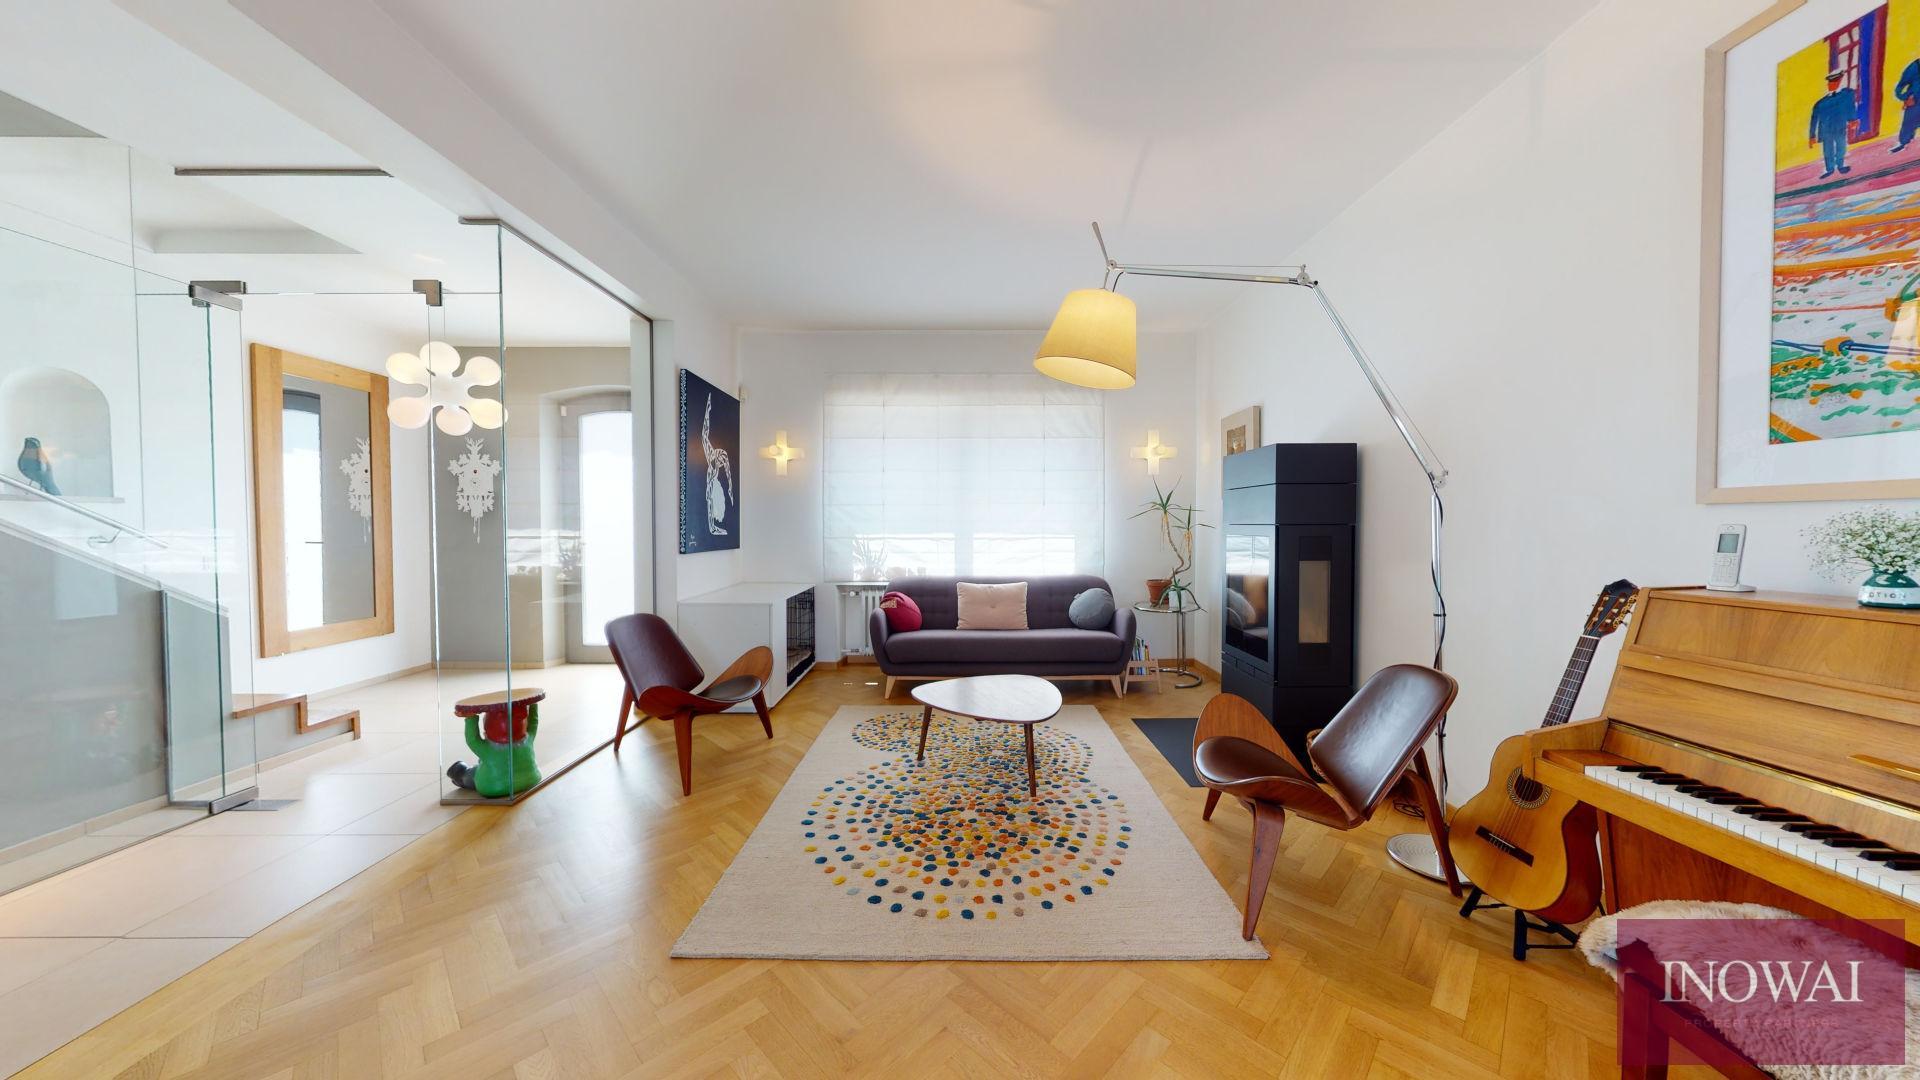 Maison 5 chambres de +/- 220m² avec Jardin